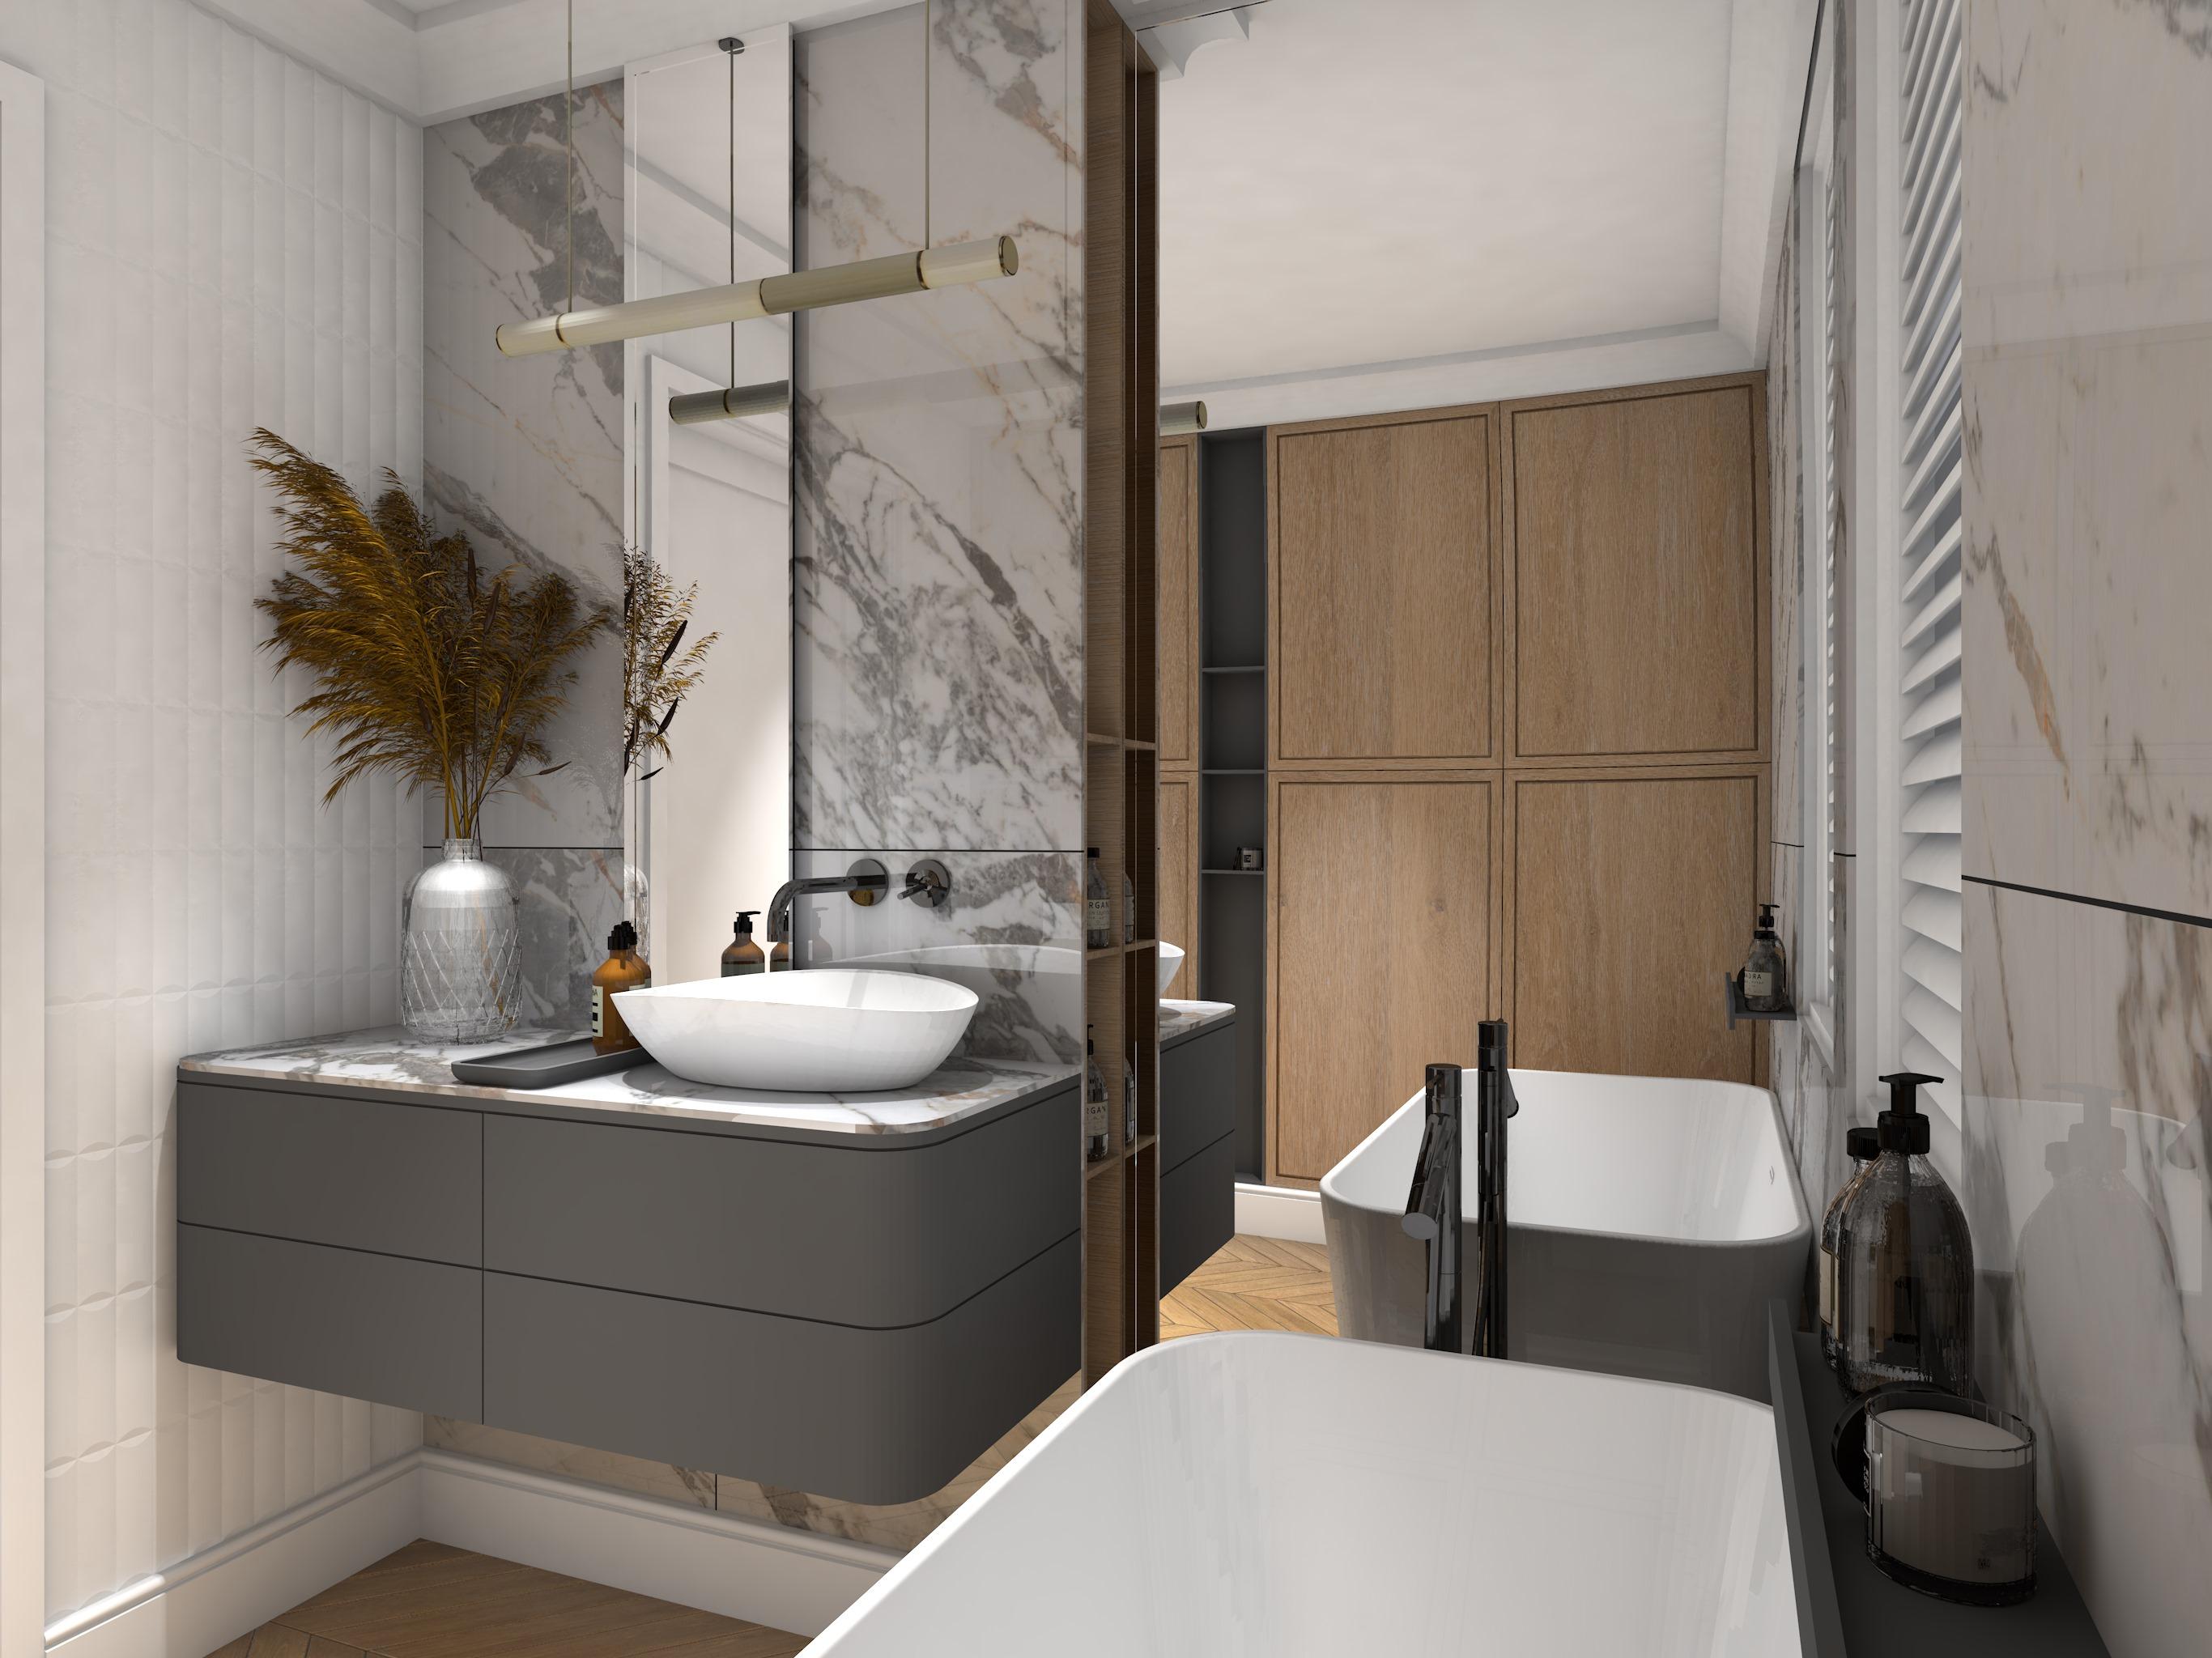 Jasna łazienka z szarą szafką wiszącą, białą umywalką nablatową, lampą wiszącą, dużym lustrem i płytkami Veins Gold Brillo